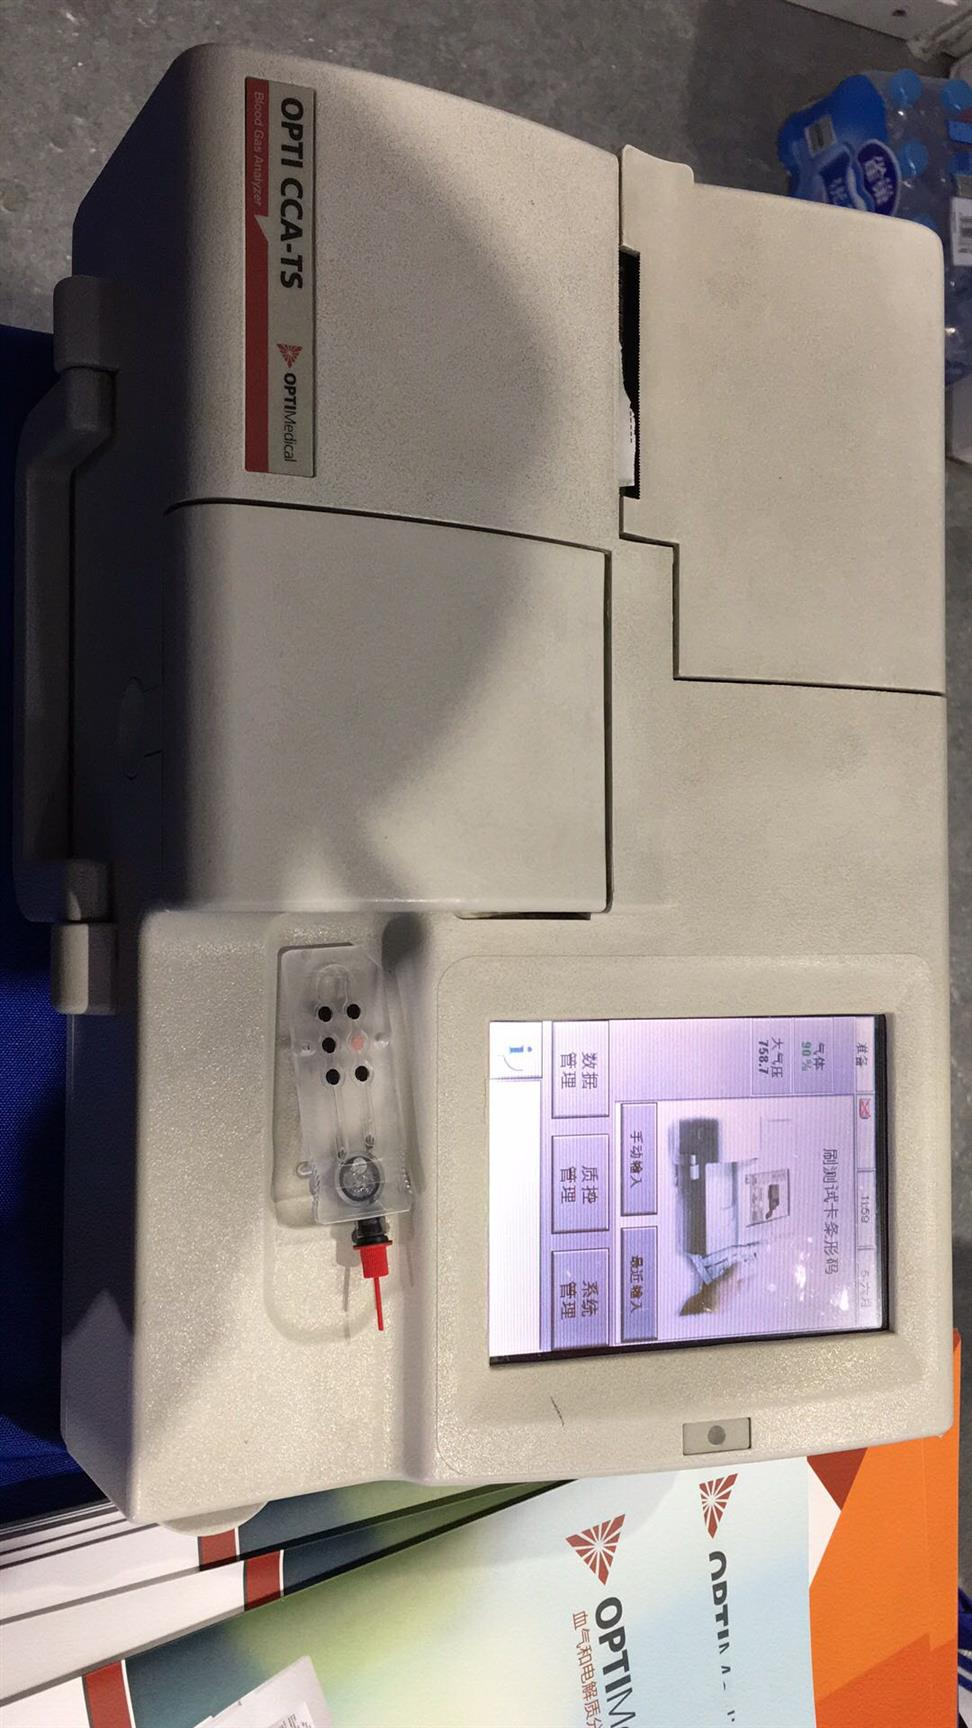 武汉进口血气分析仪出售